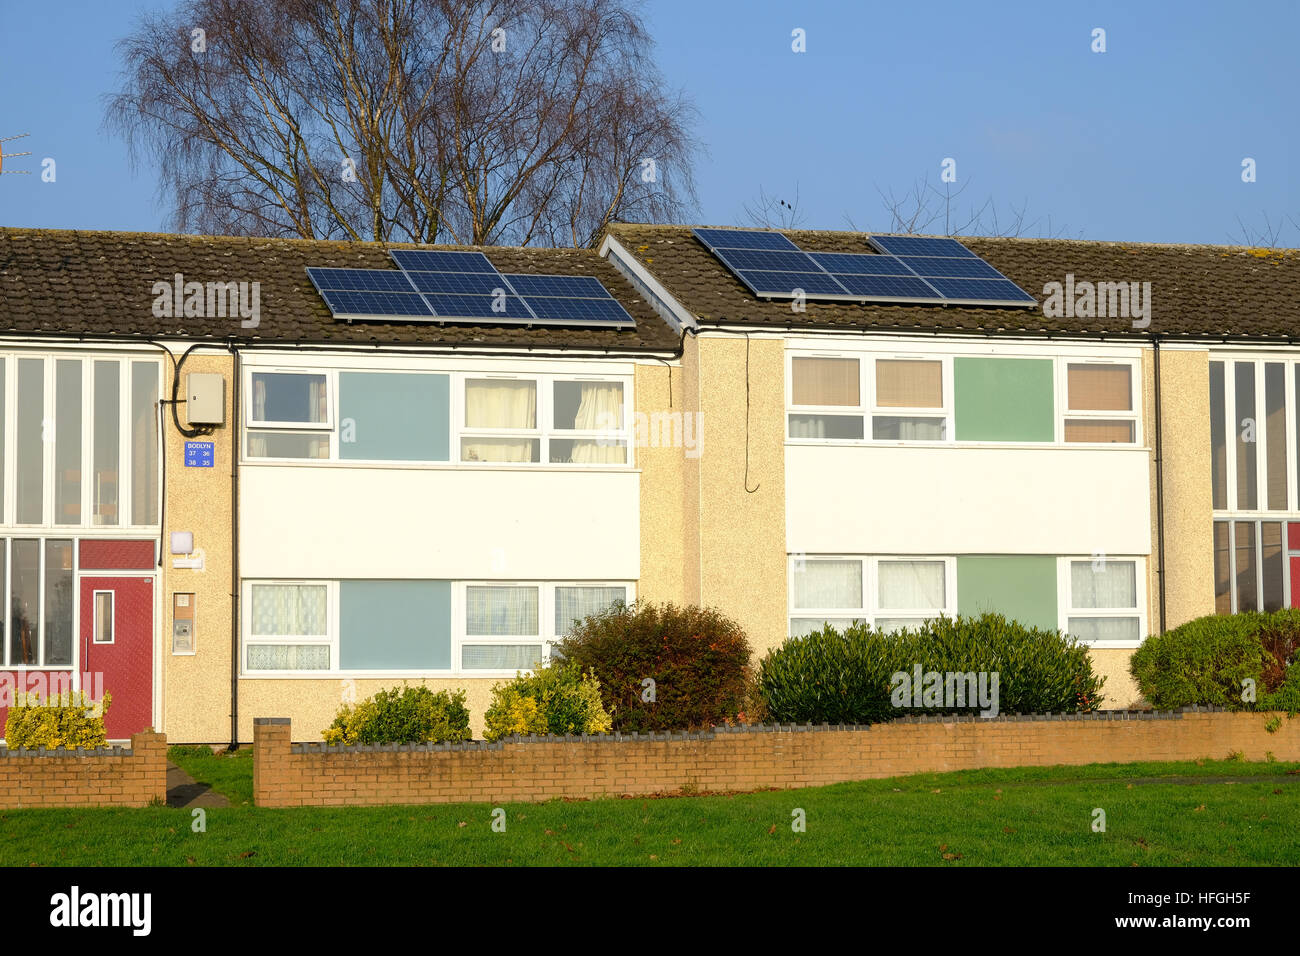 Paneles solares en el tejado de un edificio de apartamentos de 1960 Imagen De Stock